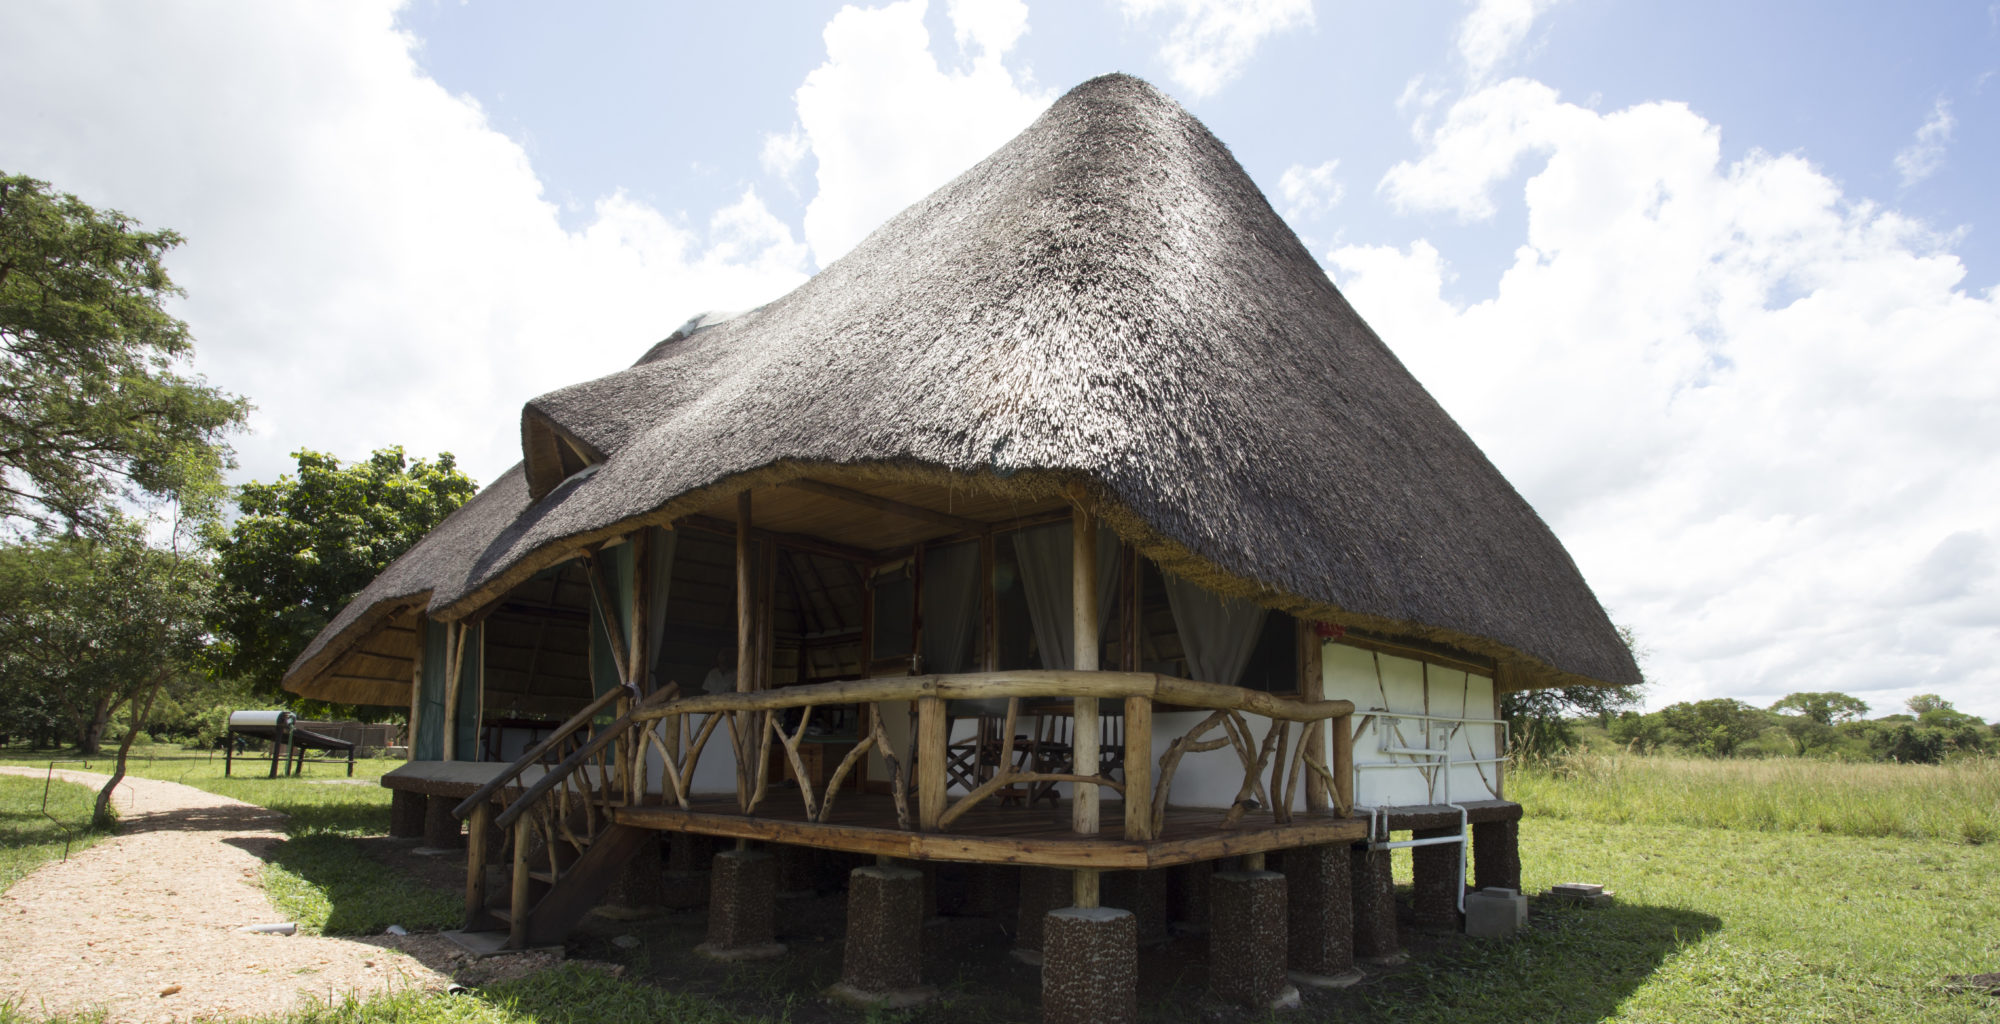 Bakers lodge Uganda Exterior